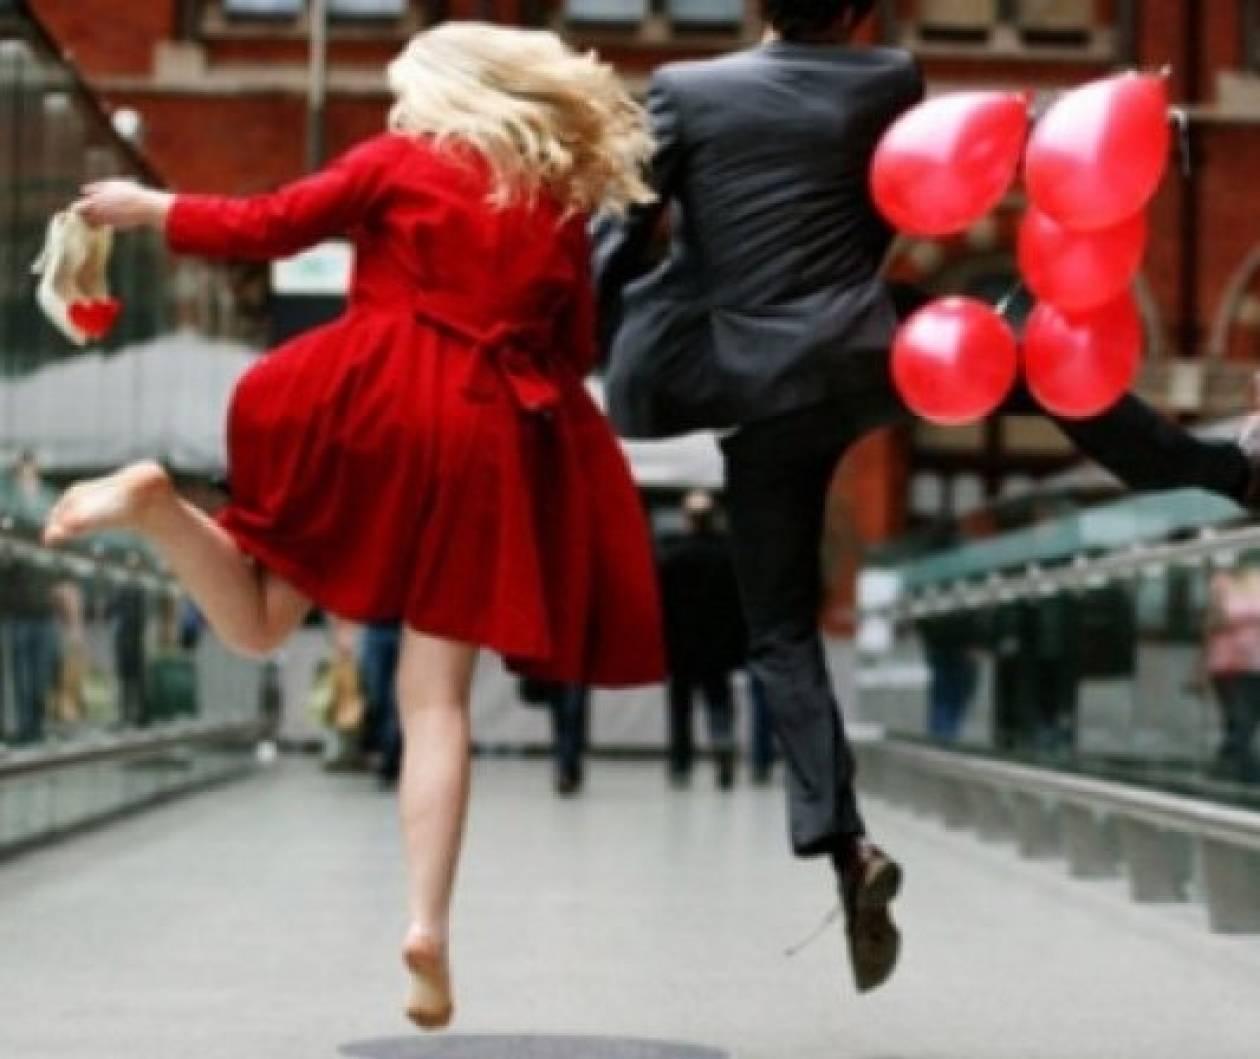 Δεν είναι ρομαντικός; 5 ιδιαίτερα δώρα για του Αγίου Βαλεντίνου